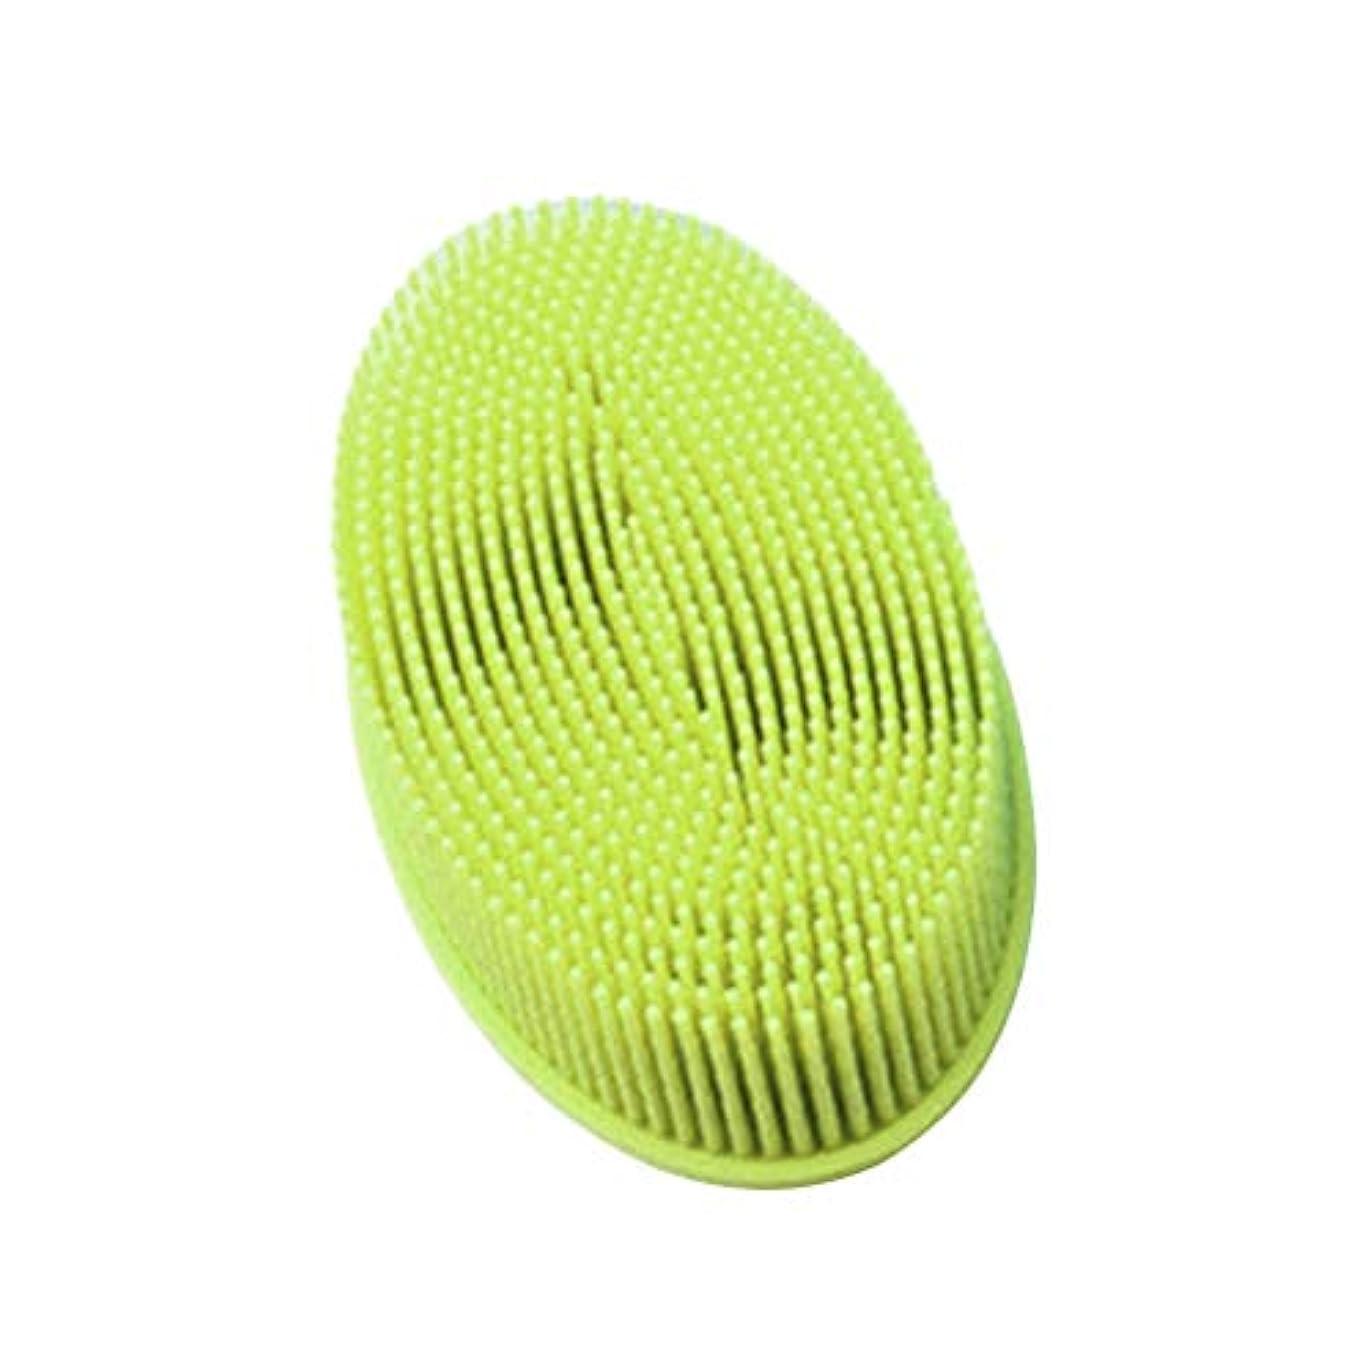 はねかけるショップマチュピチュTOPBATHY シリコンシャワーブラシ 頭皮 洗顔 ボディブラシ お風呂 柔らかい 体洗いブラシ 肌にやさしい 多機能 角質除去 疲れ解消(グリーン)